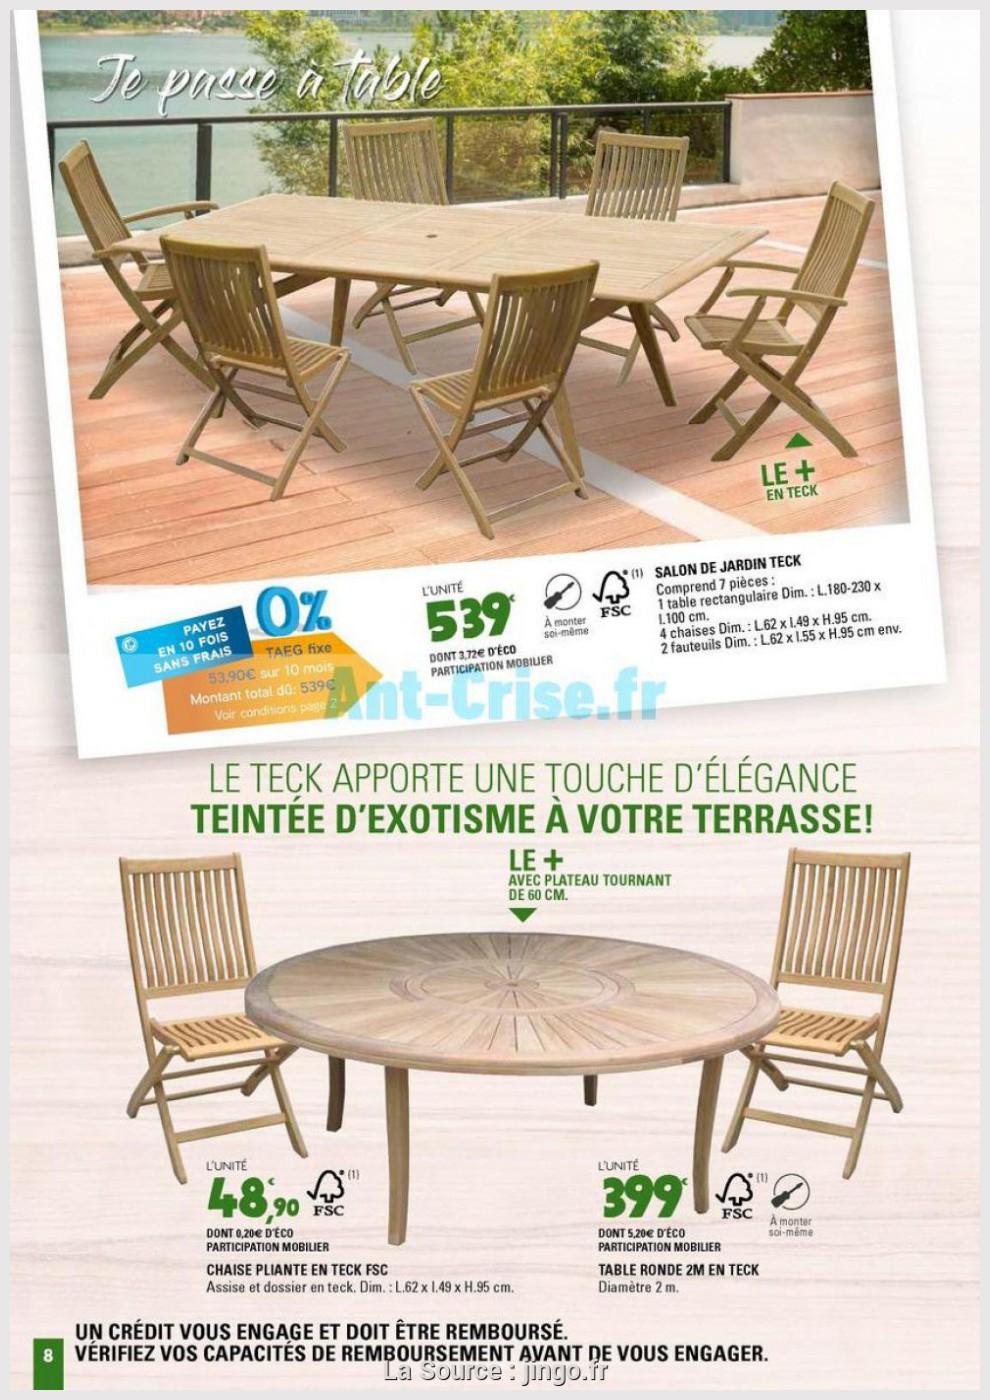 Jardin Belle Teck De Leclerc 2M 8 Table Ronde Sjzplugqmv pour Leclerc Mobilier De Jardin